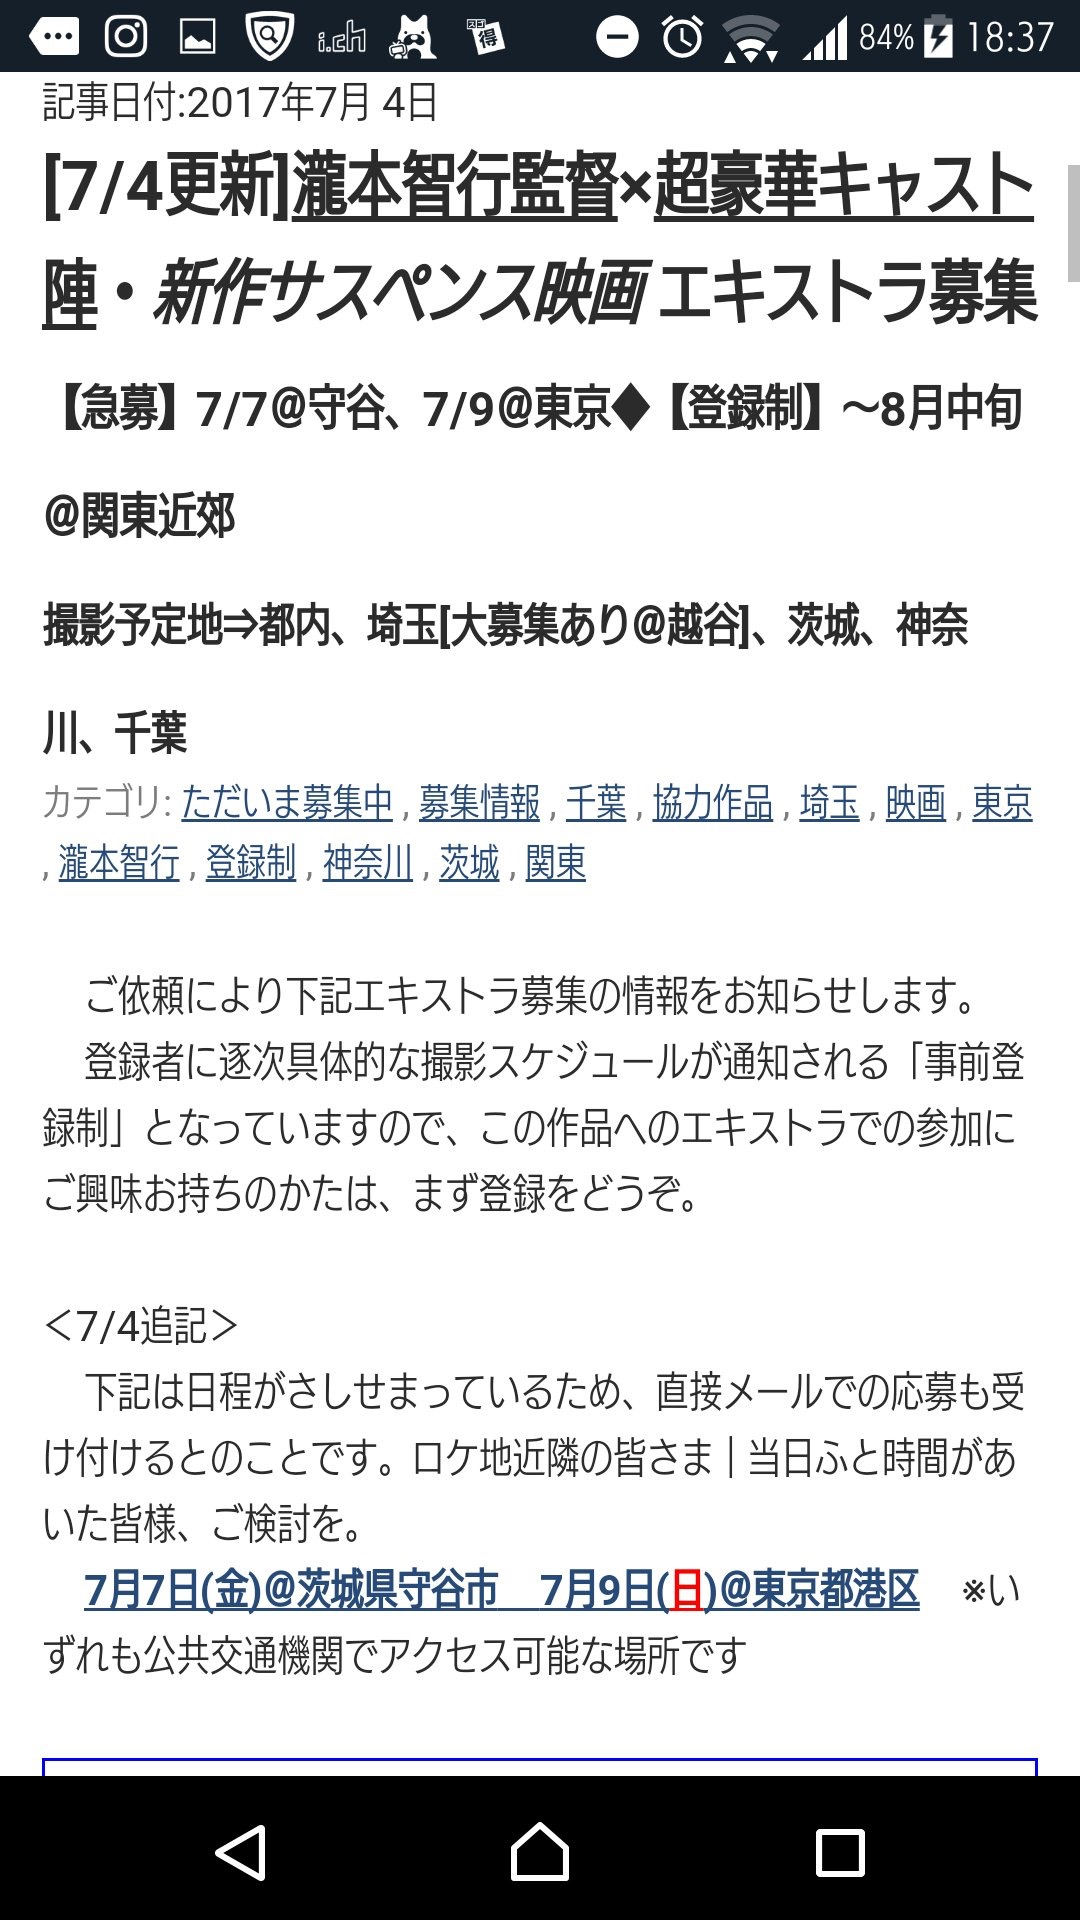 西野七瀬 岩田剛典 瀧本智行 映画2